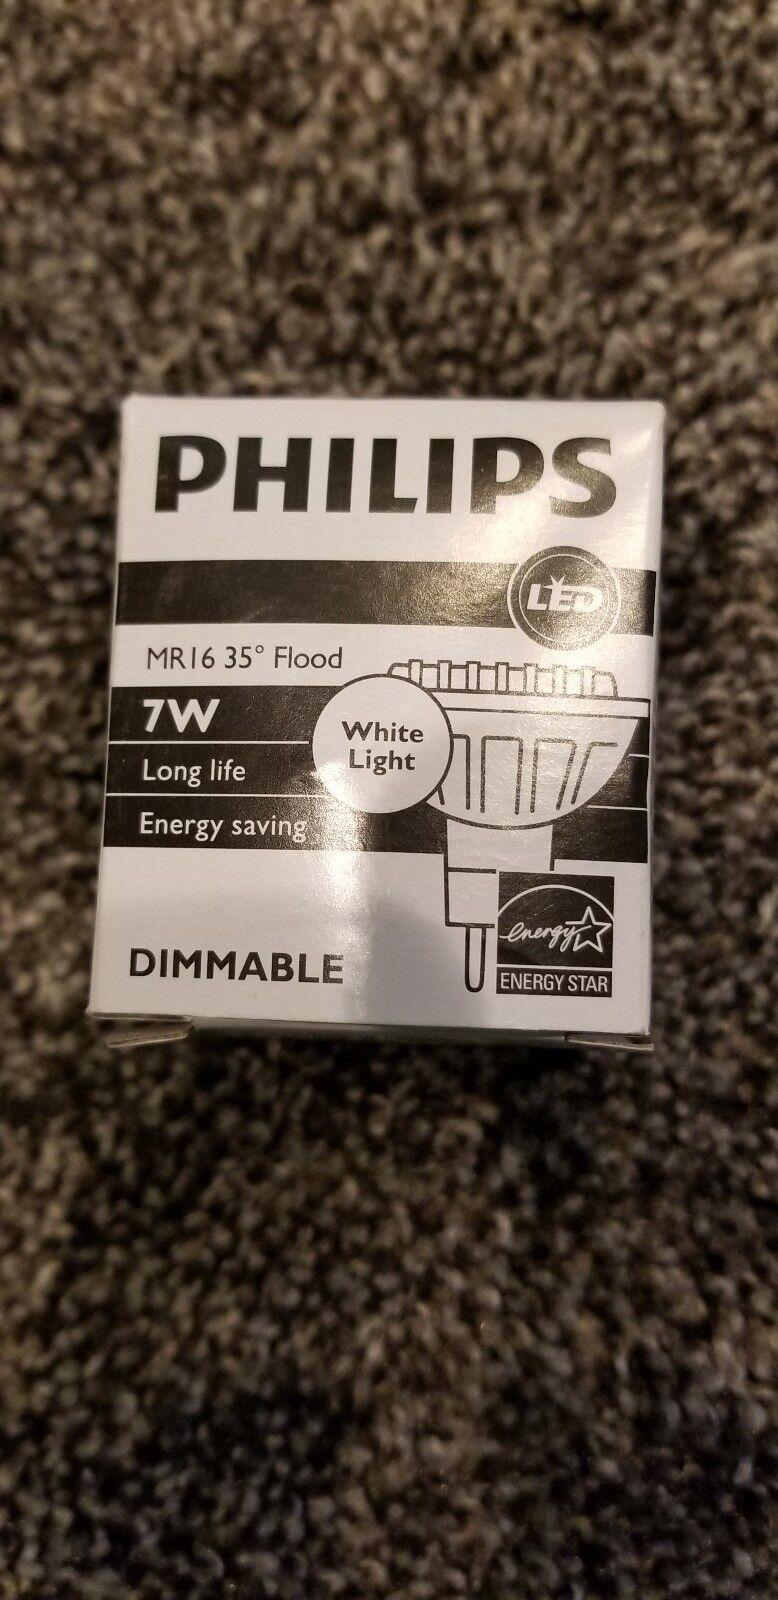 (8) Phillips 7MR16 LED F35 830 DIM AF2